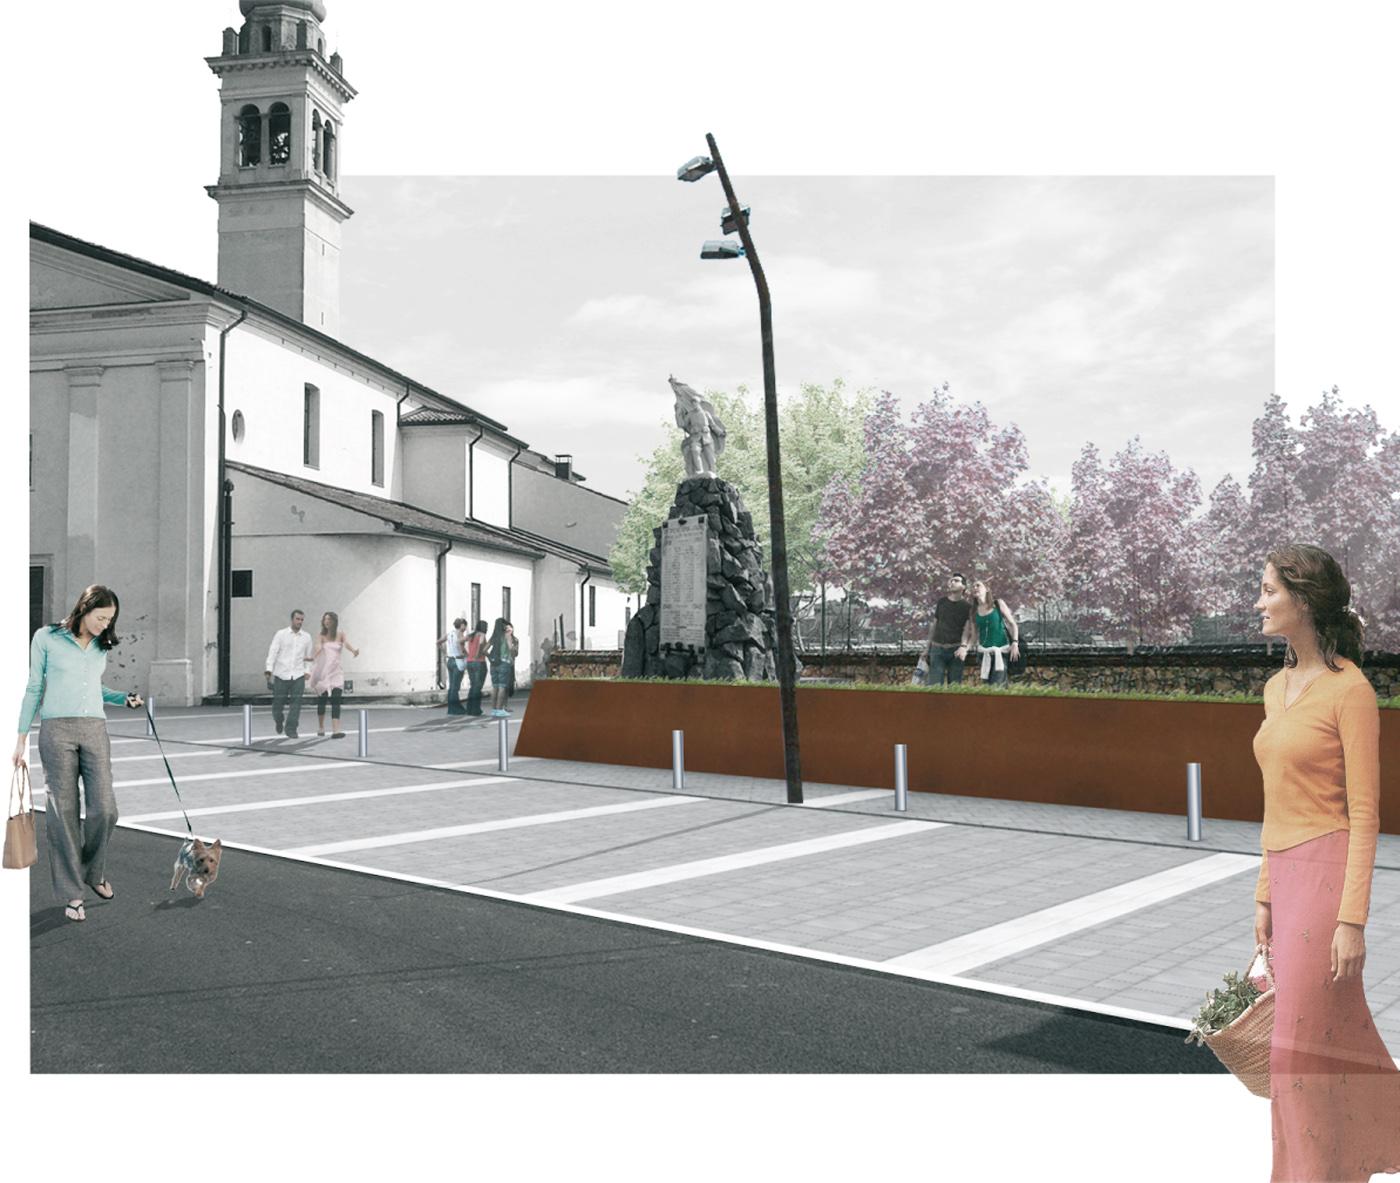 La nuova piazza di Asigliano Veneto, uno spazio pubblico tracciato dall'ombra a ricomporre i lembi sfrangiati del tessuto edilizio. La vista verso la chiesa | Bottega di Architettura